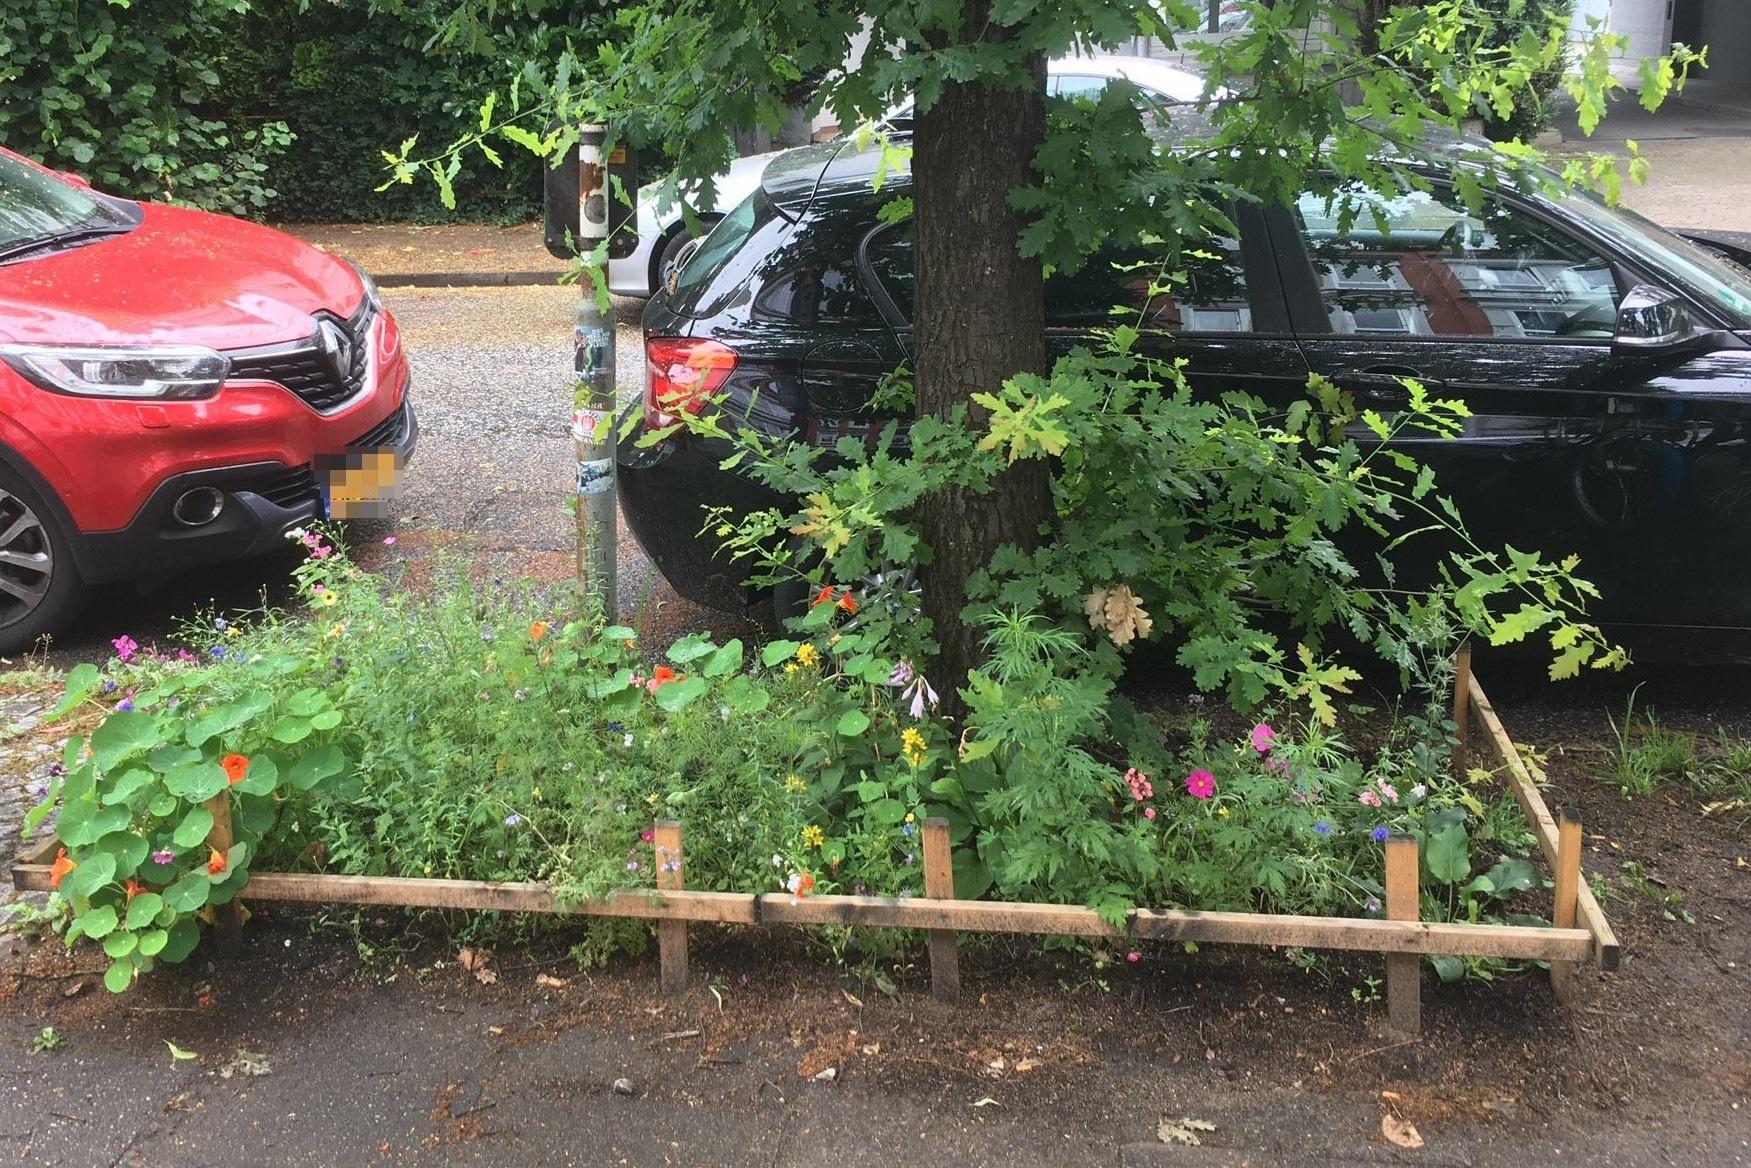 So sah das Nachbarschaftsbeet vorher aus.